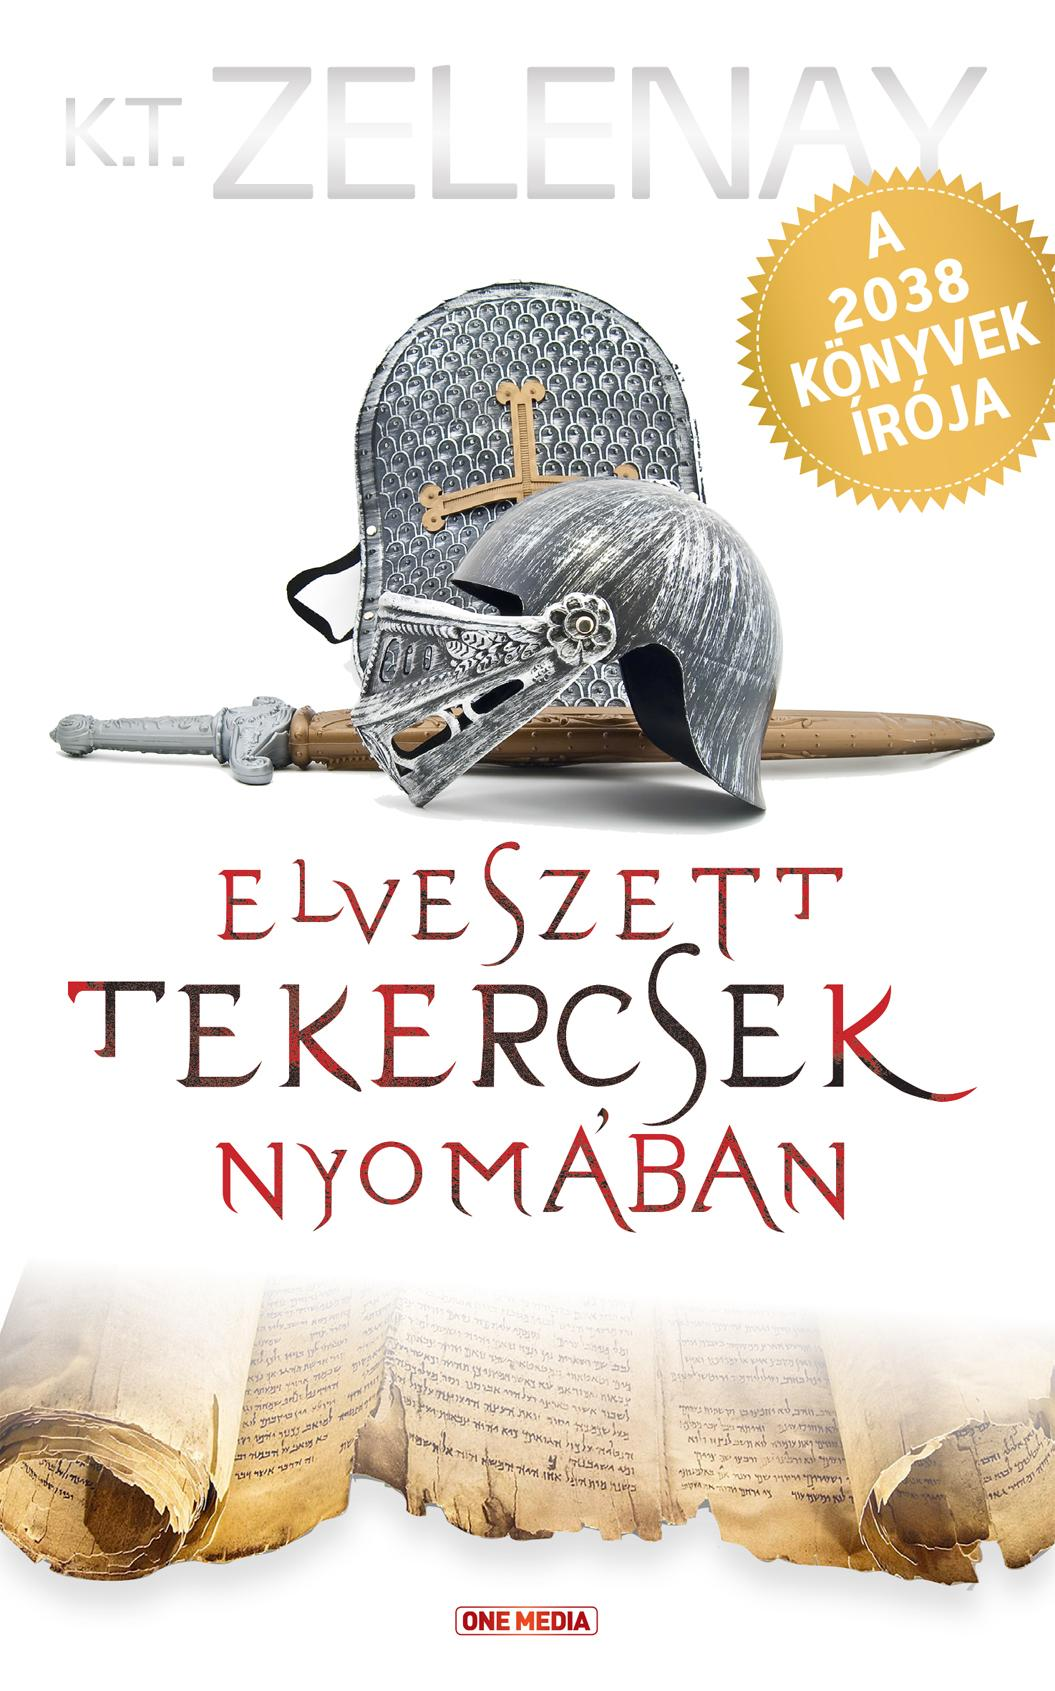 ELVESZETT TEKERCSEK NYOMÁBAN